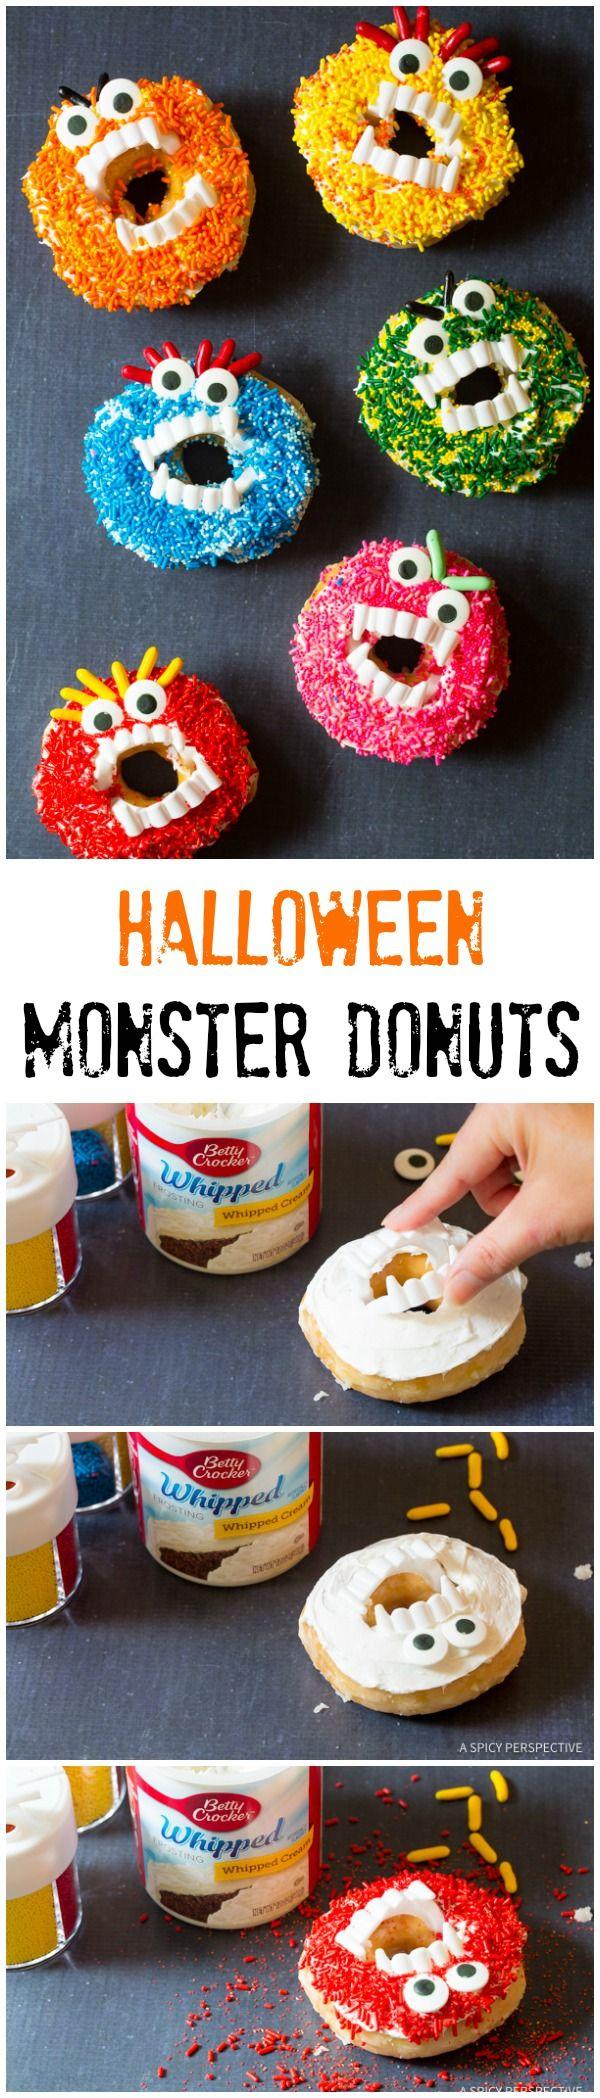 Kid-Friendly Halloween Monster Donuts   ASpicyPerspective.com @spicyperspectiv